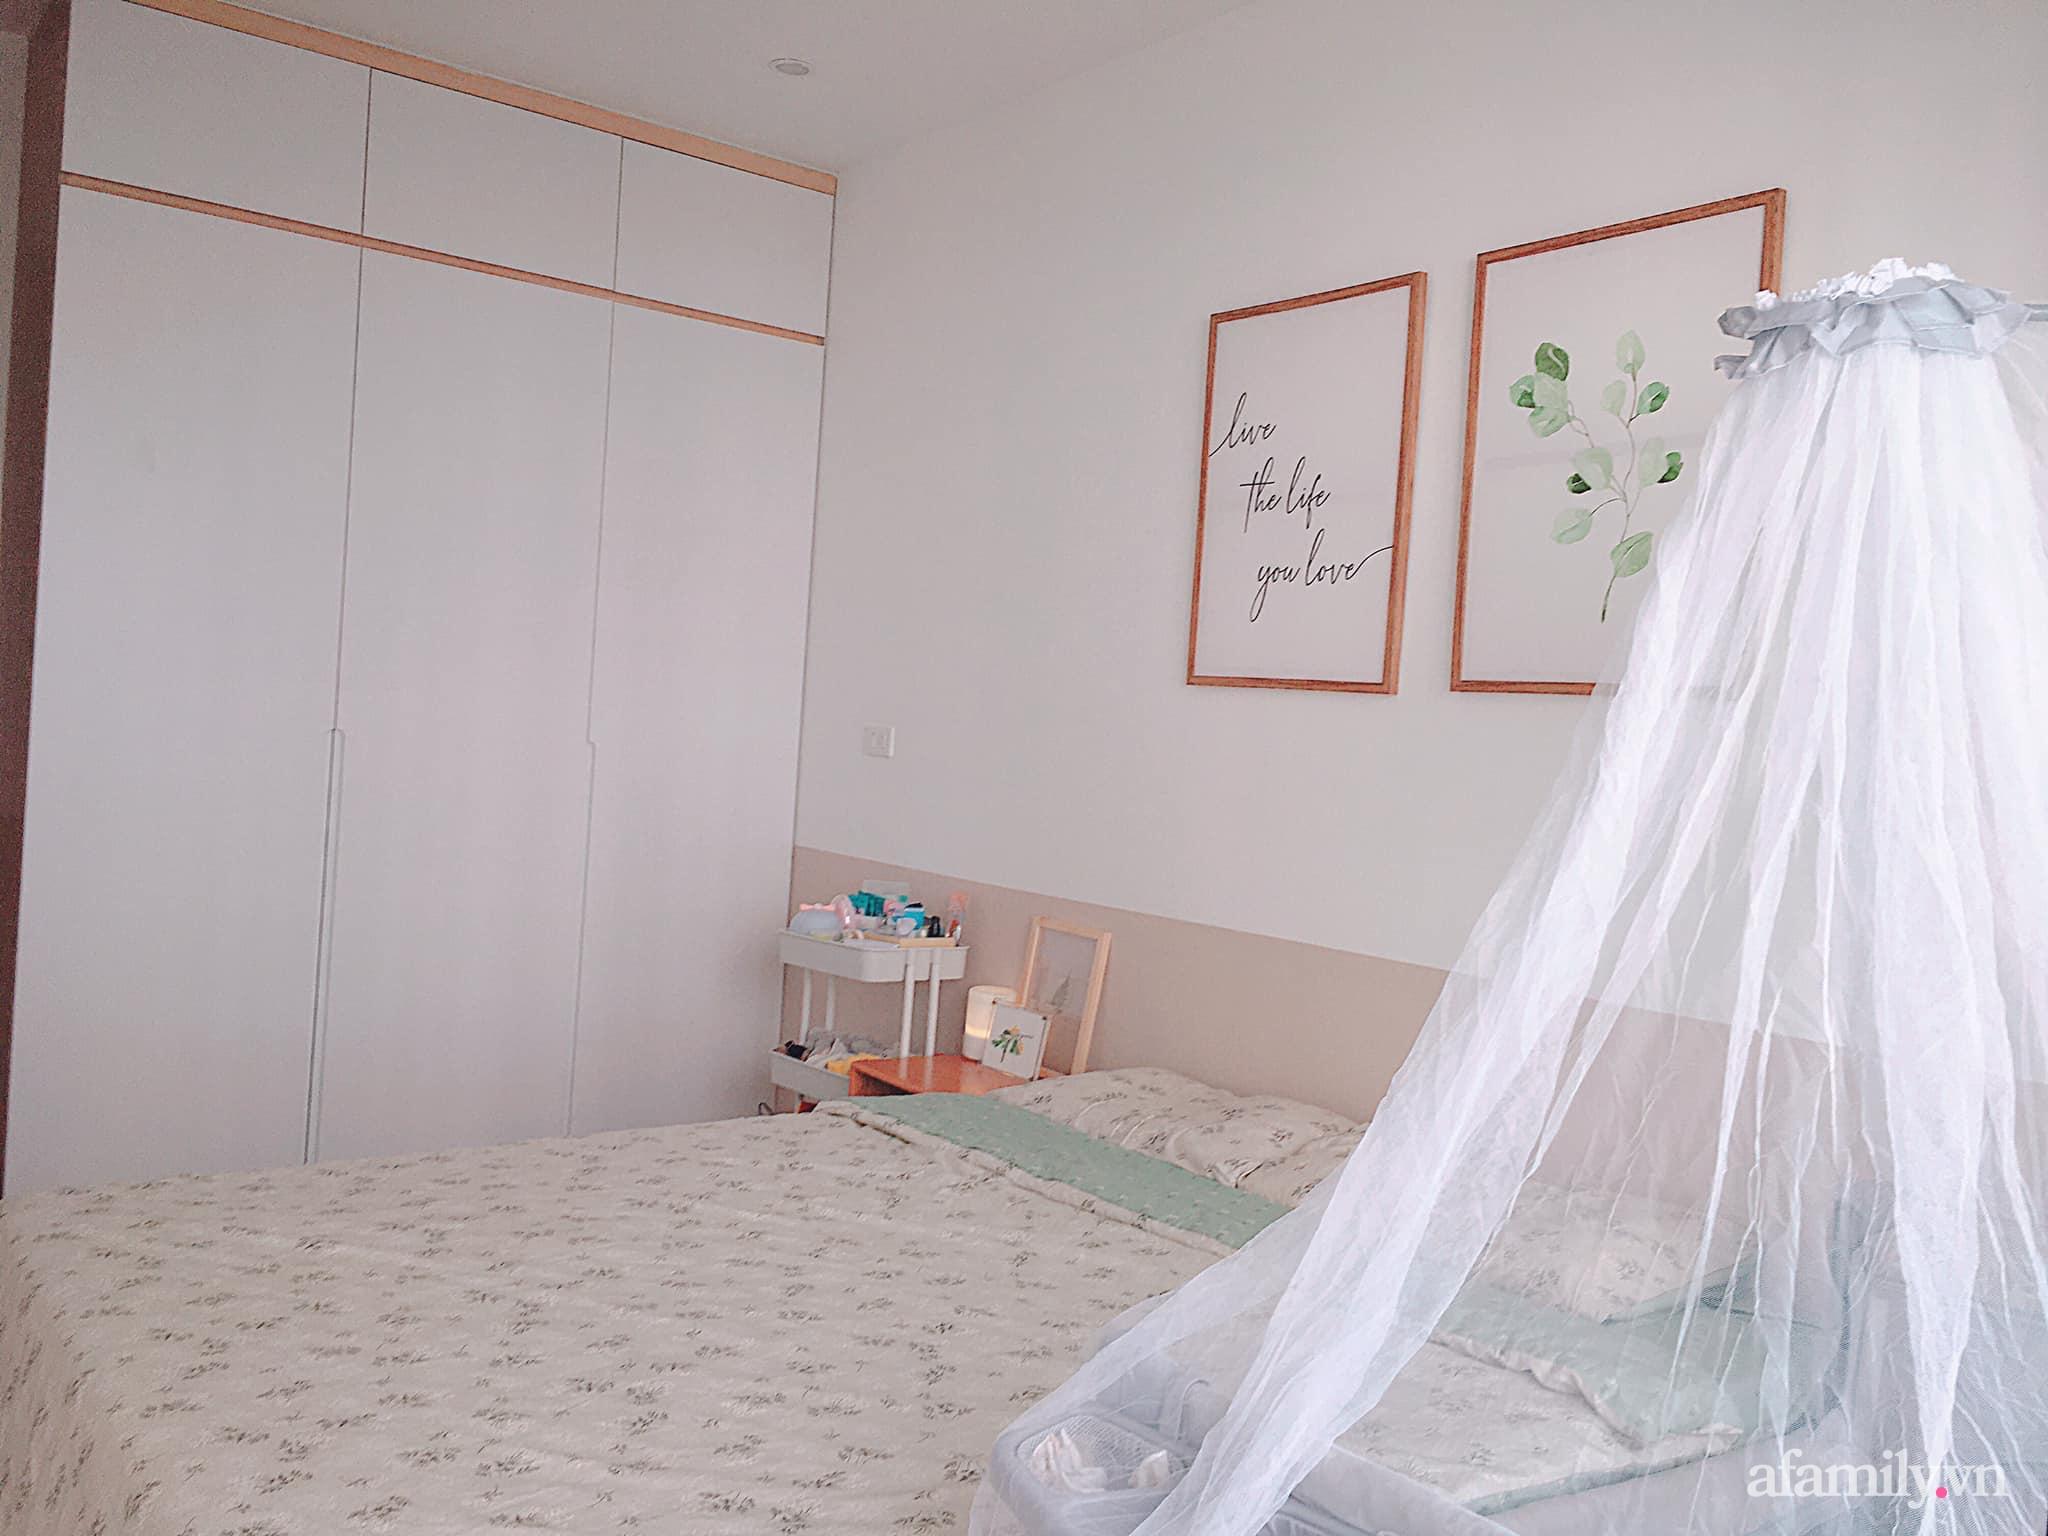 Căn hộ 78m² đẹp tinh tế và tiện dụng với phong cách tối giản của cặp vợ chồng trẻ ở Hà Nội - Ảnh 13.